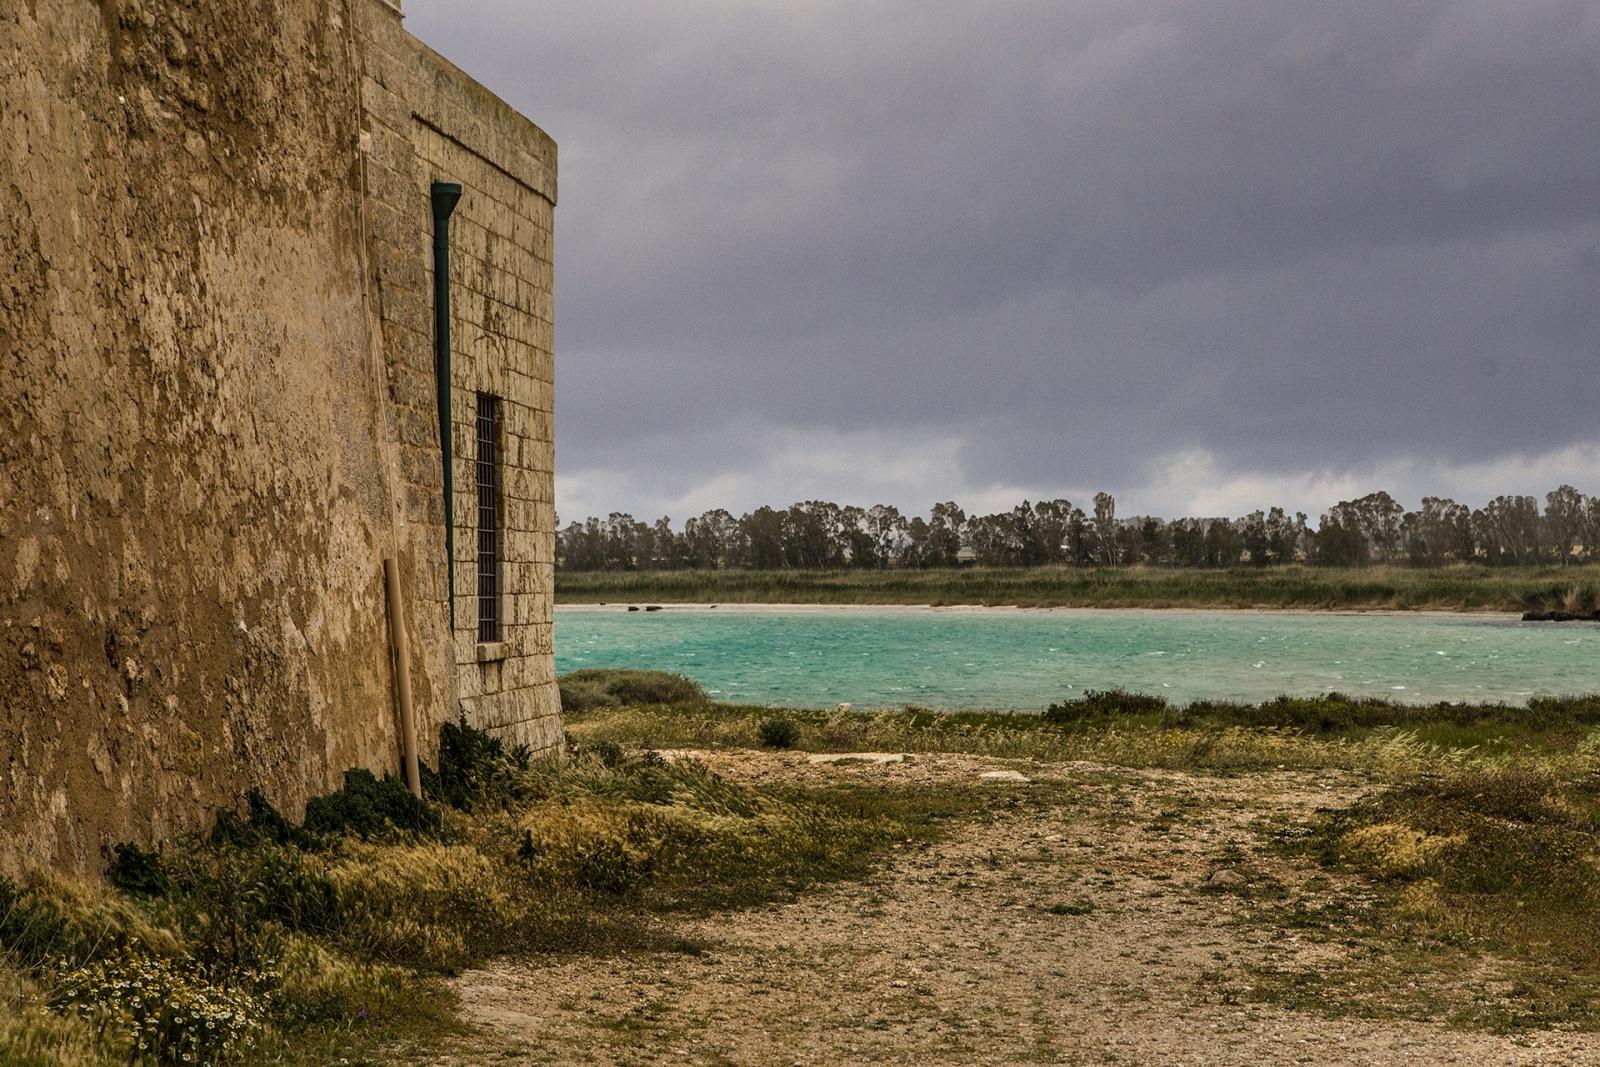 Riserva naturale di Torre Guaceto a Carovigno in provincia di Brindisi. © Antonio Tevere.